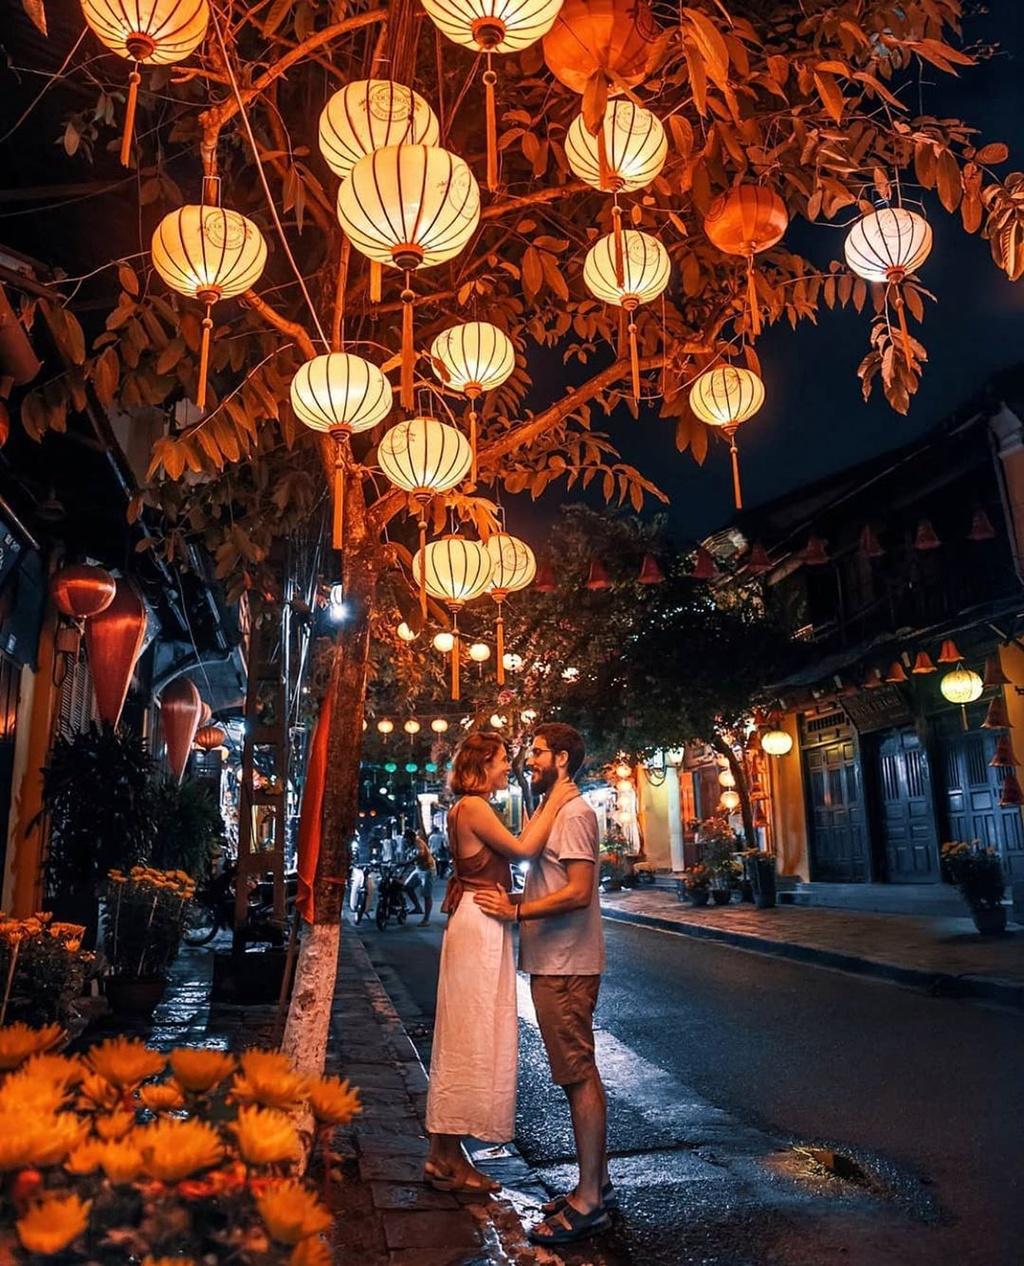 Don mua yeu ngot ngao tai cac diem du lich trong nuoc hinh anh 8 hoian.jpg  - hoian - Đón mùa yêu ngọt ngào tại các điểm du lịch trong nước